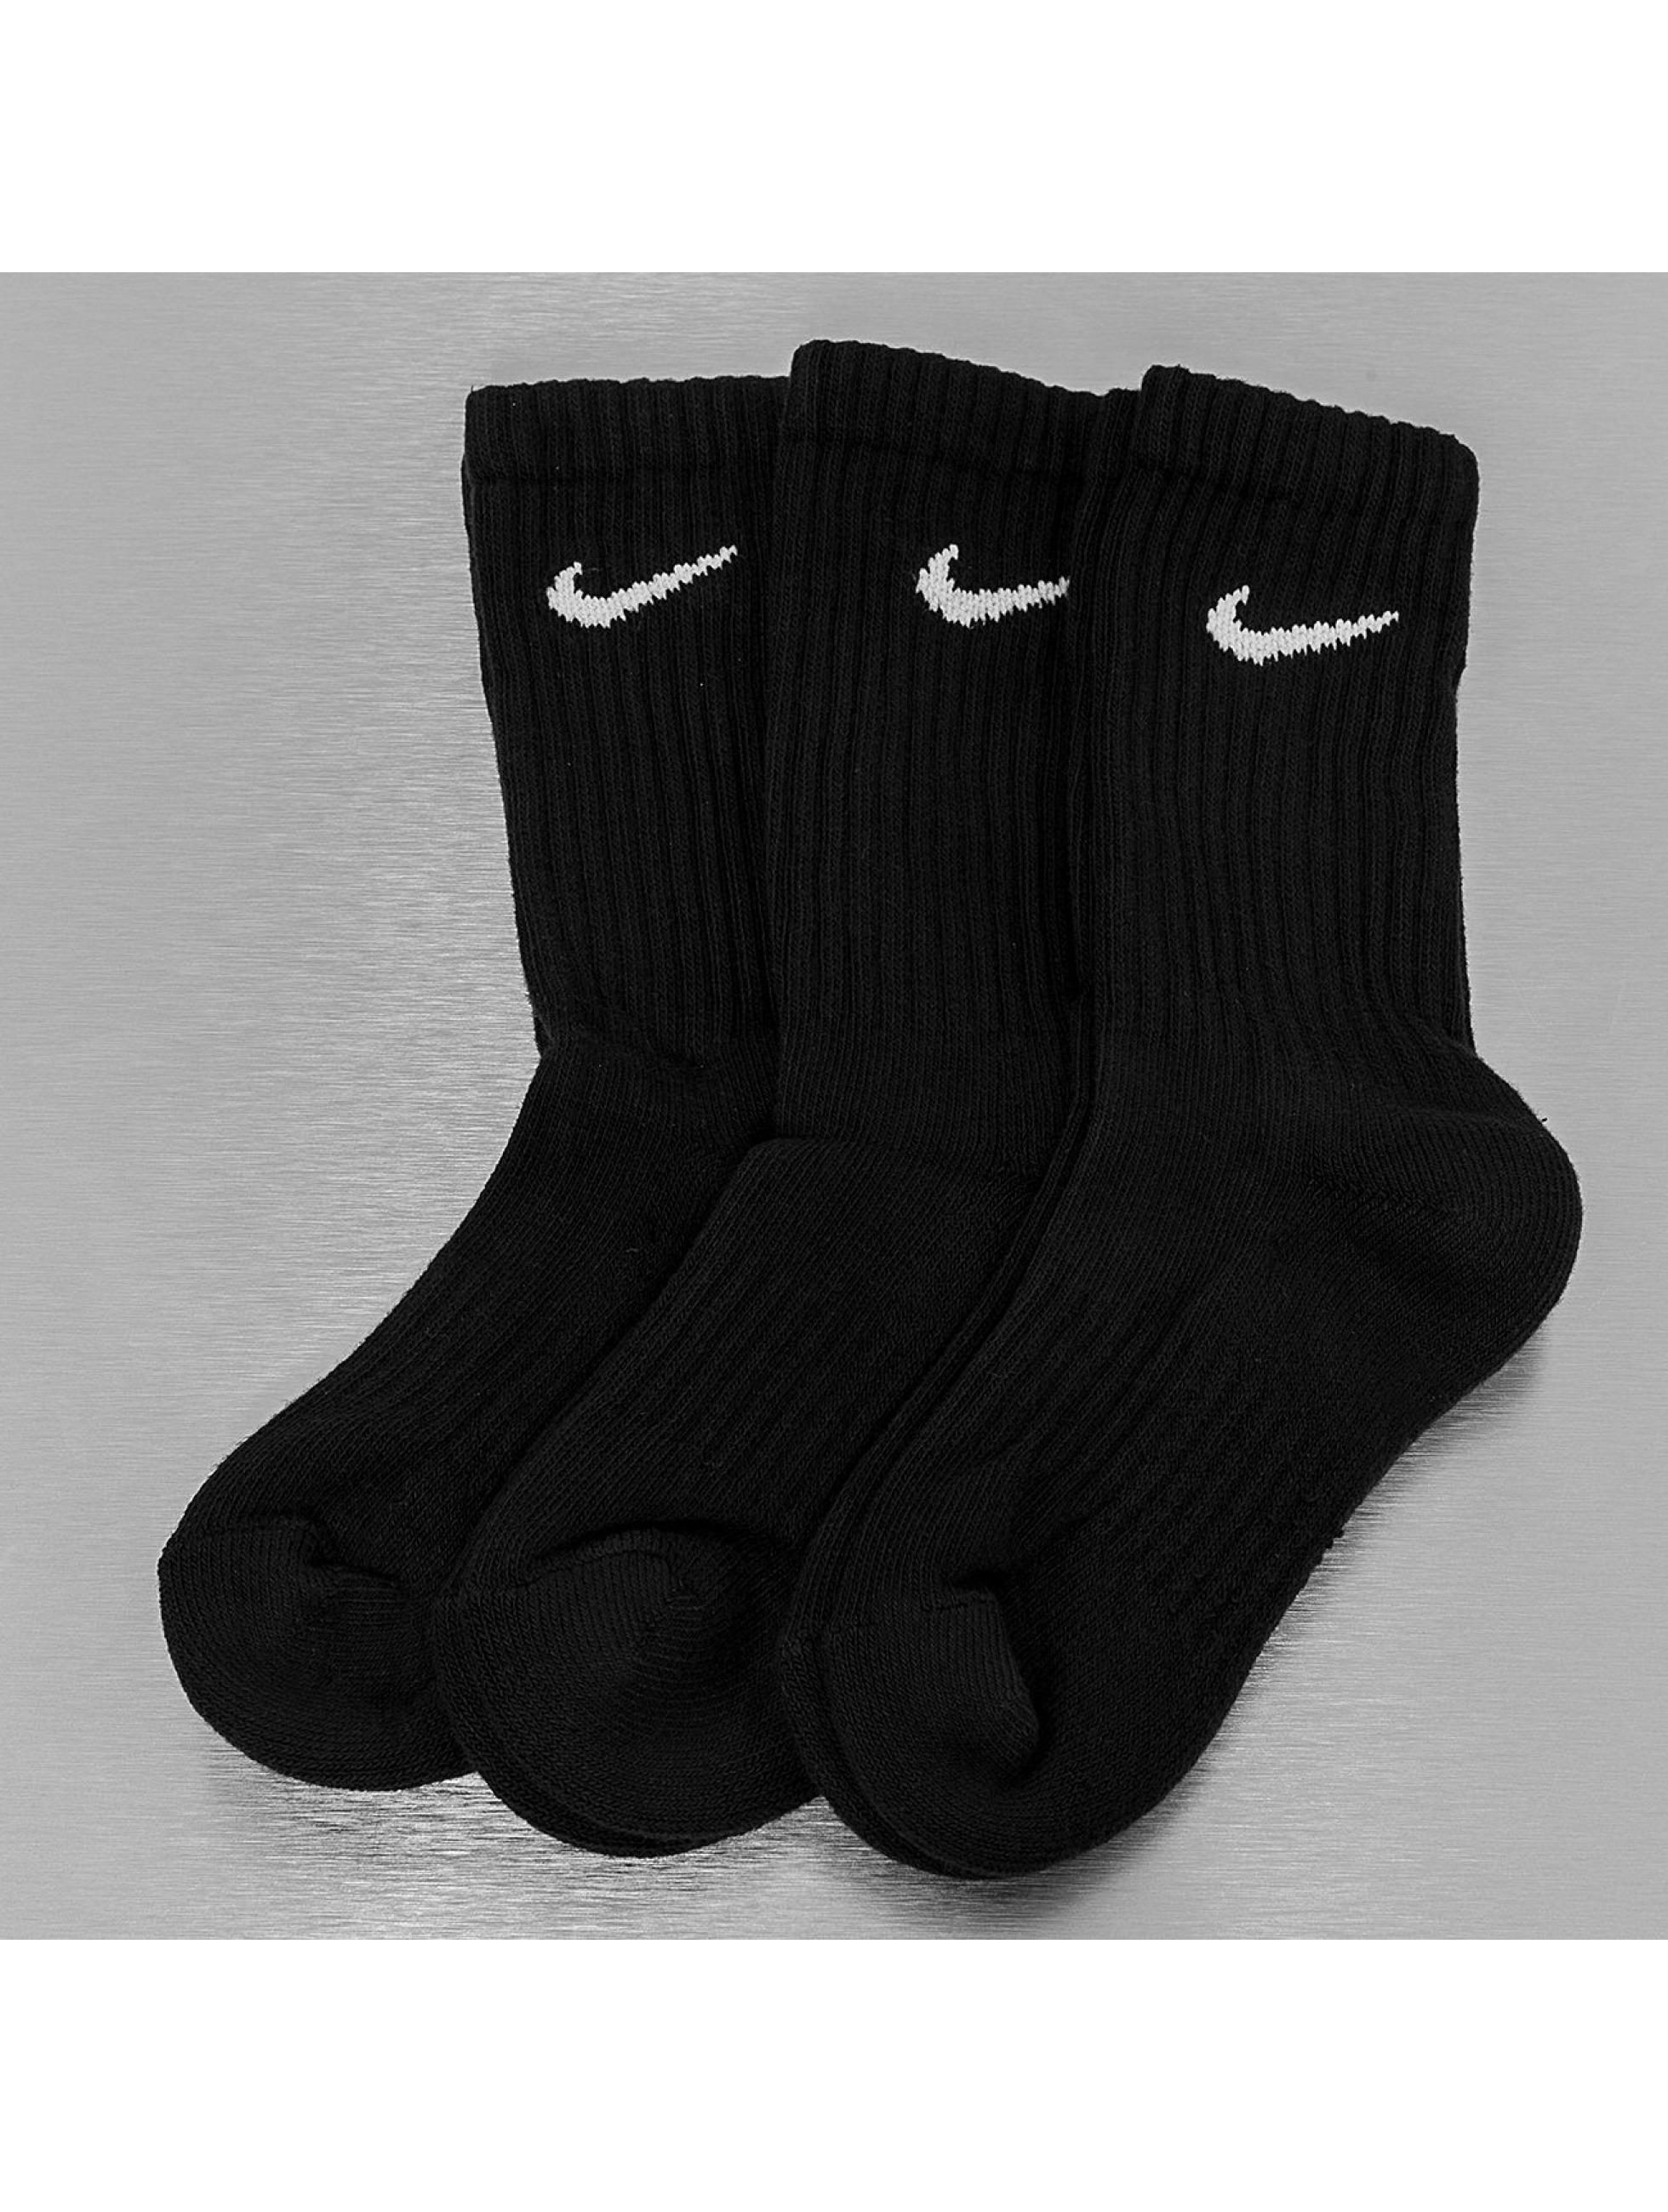 Nike Sous-vêtements / Maillots / Chaussettes Value Cotton Crew en noir